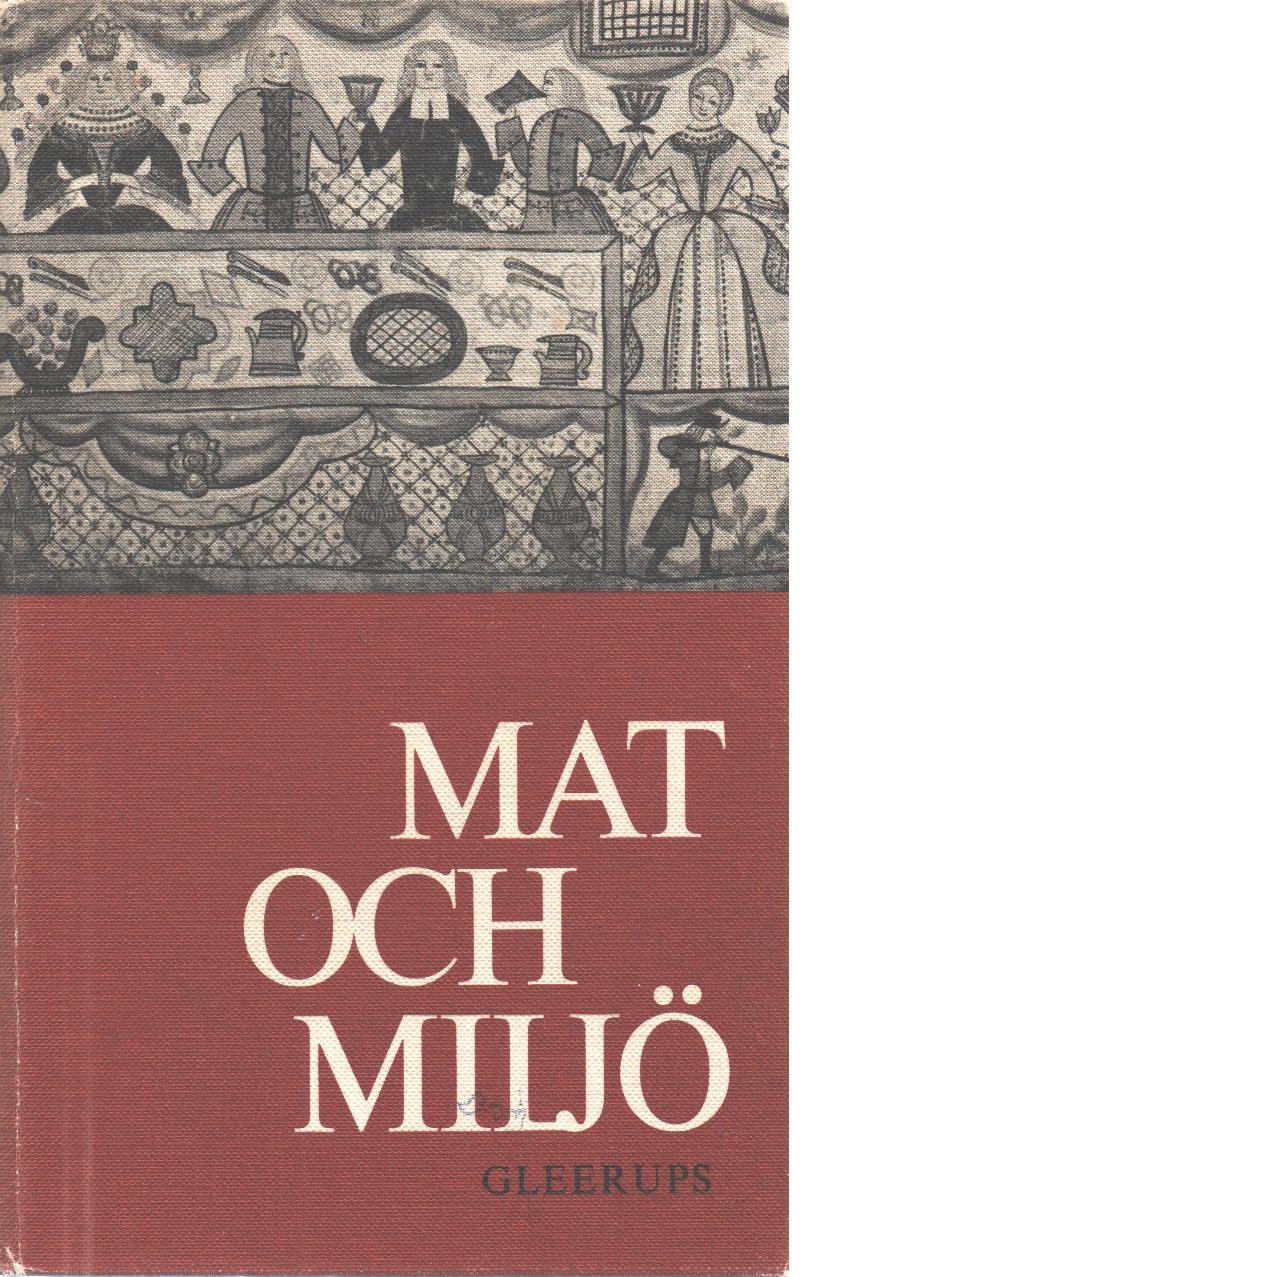 Mat och miljö : en bok om svenska kostvanor - Red. Bringéus, Nils-arvid,